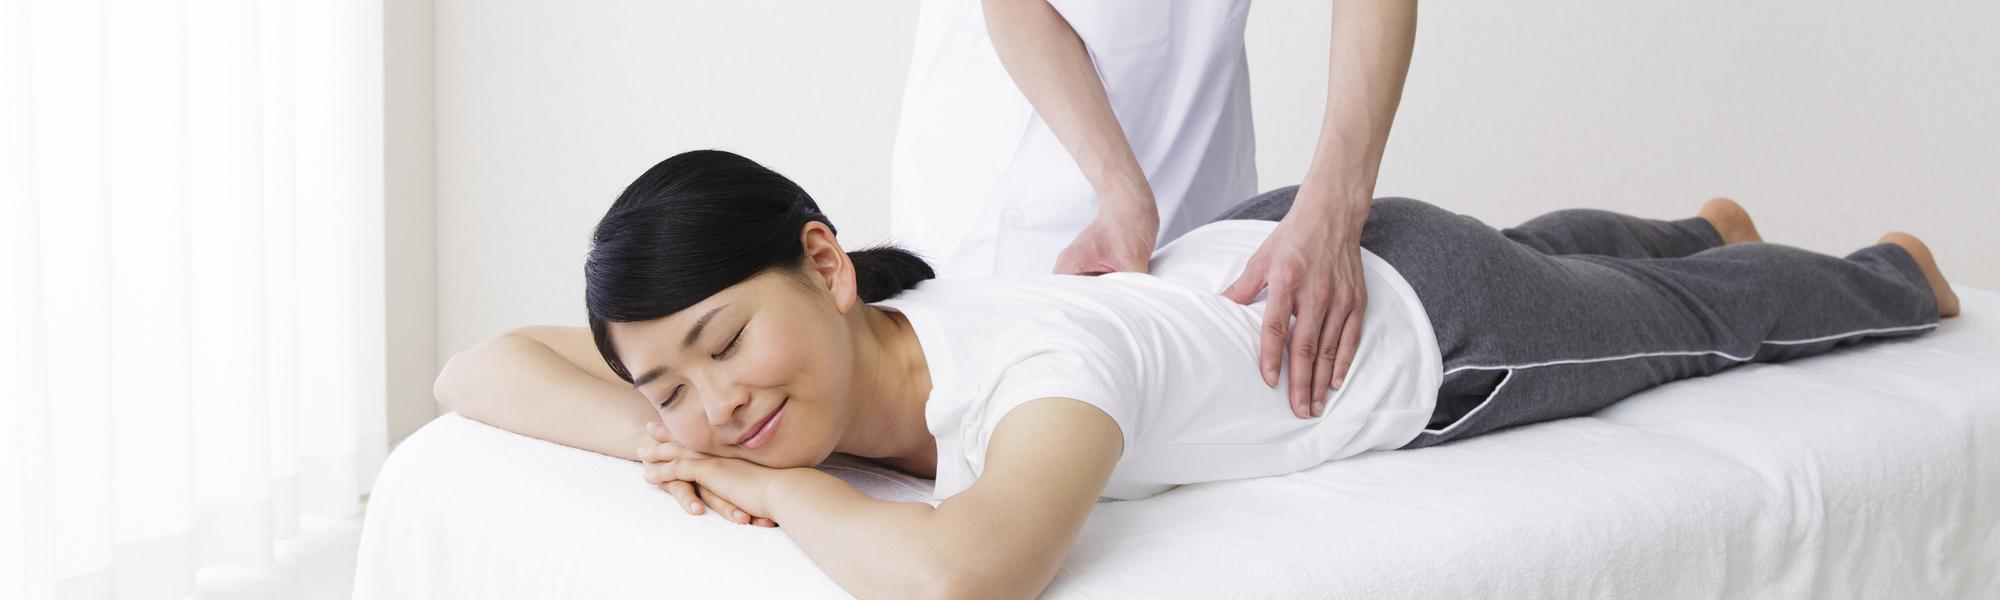 接骨院で施術を受ける女性